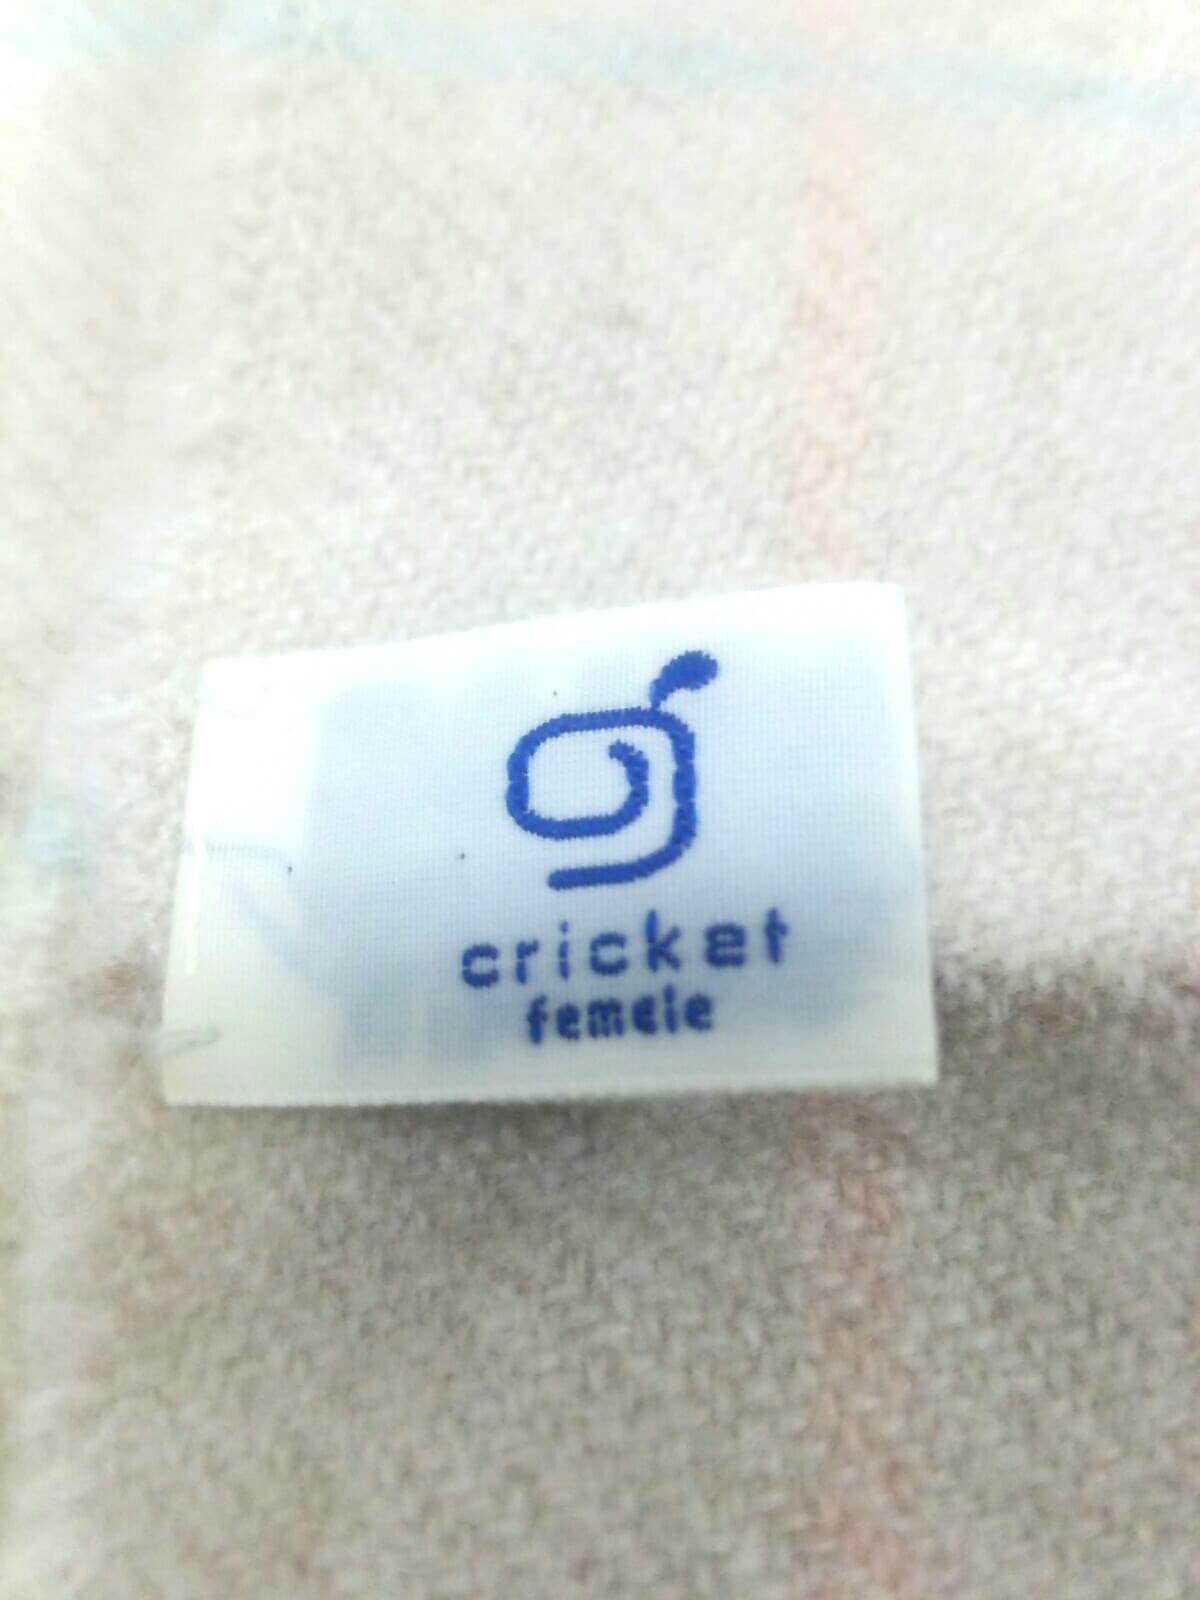 CRICKET(クリケット)のマフラー